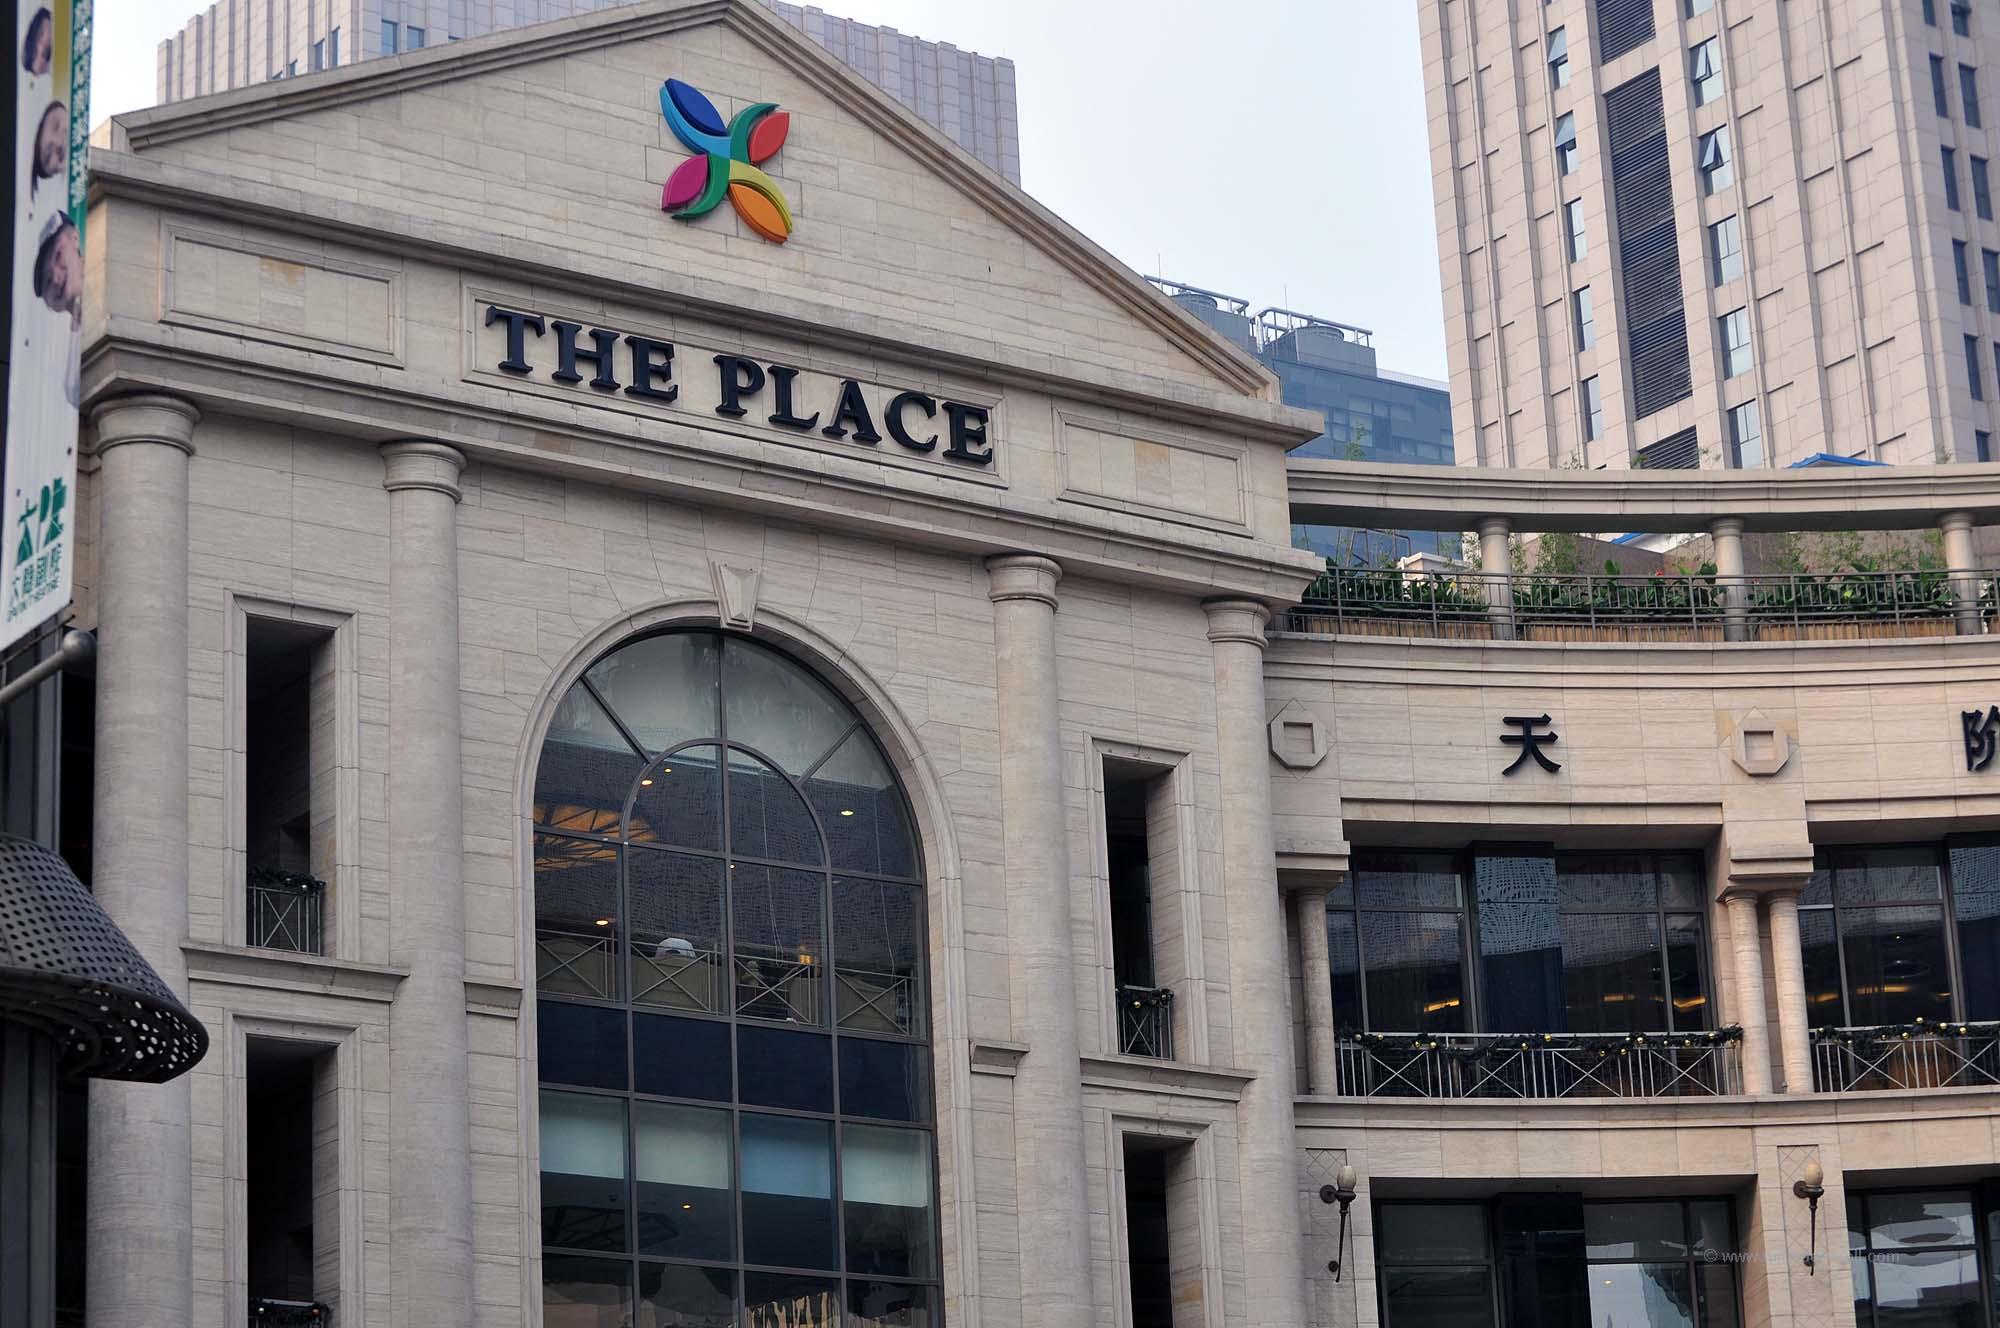 Einkaufszentrum The Place